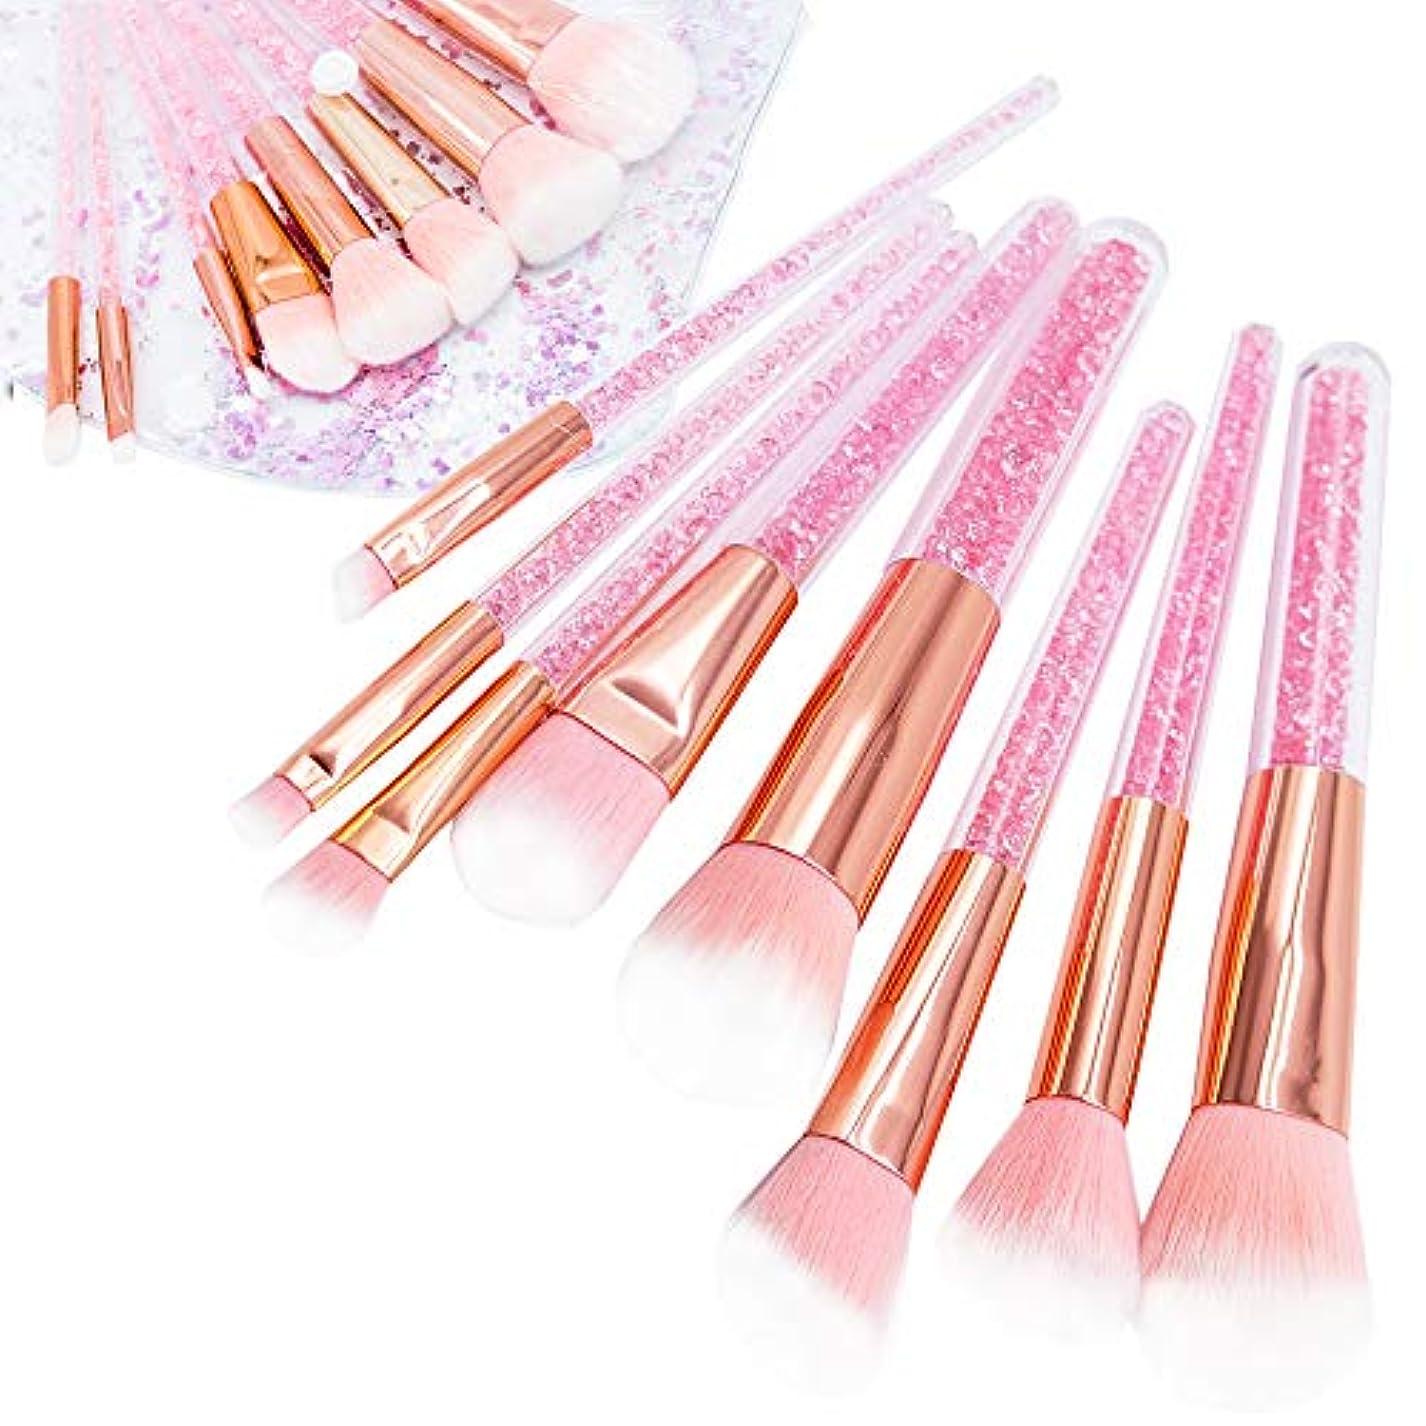 Urban frontier メイクブラシ 化粧筆 可愛いピンク 8本セット 化粧ポーチ付き 携帯便利 敏感肌適用